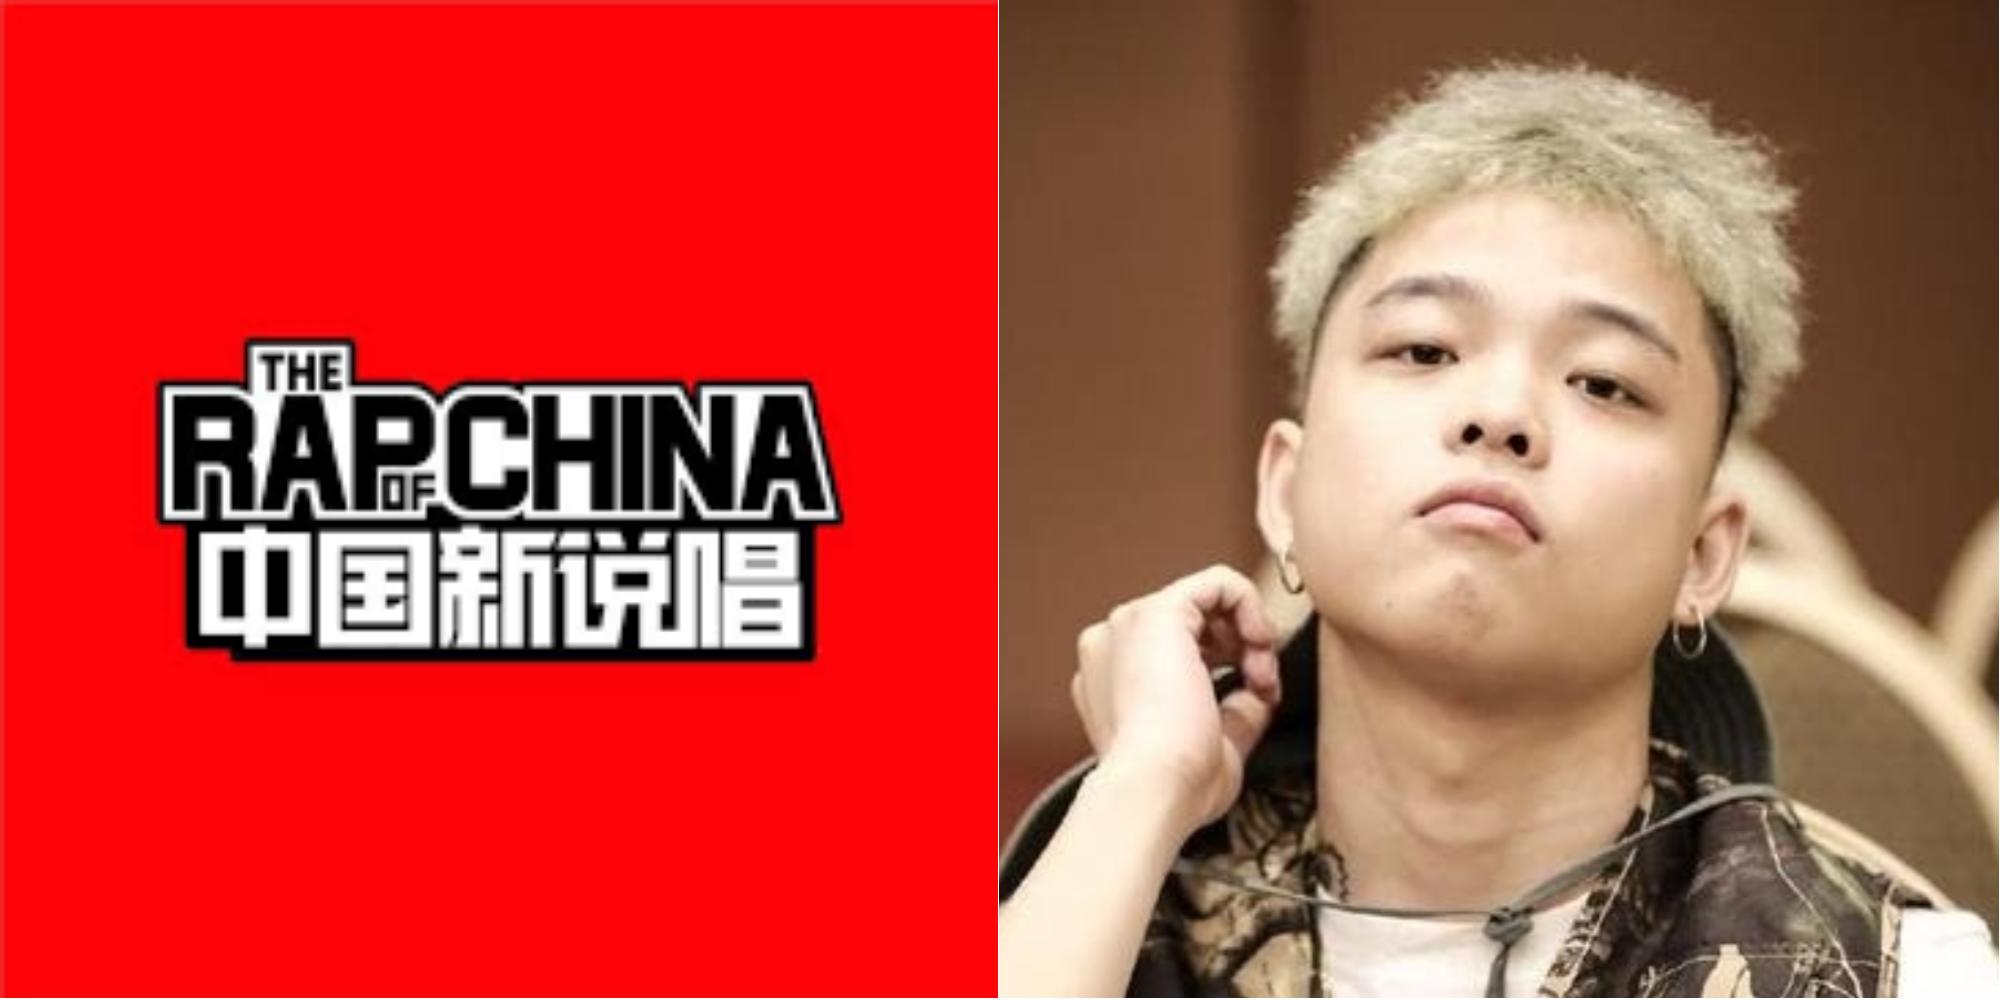 中國 有 嘻哈 復活 賽 完整 版